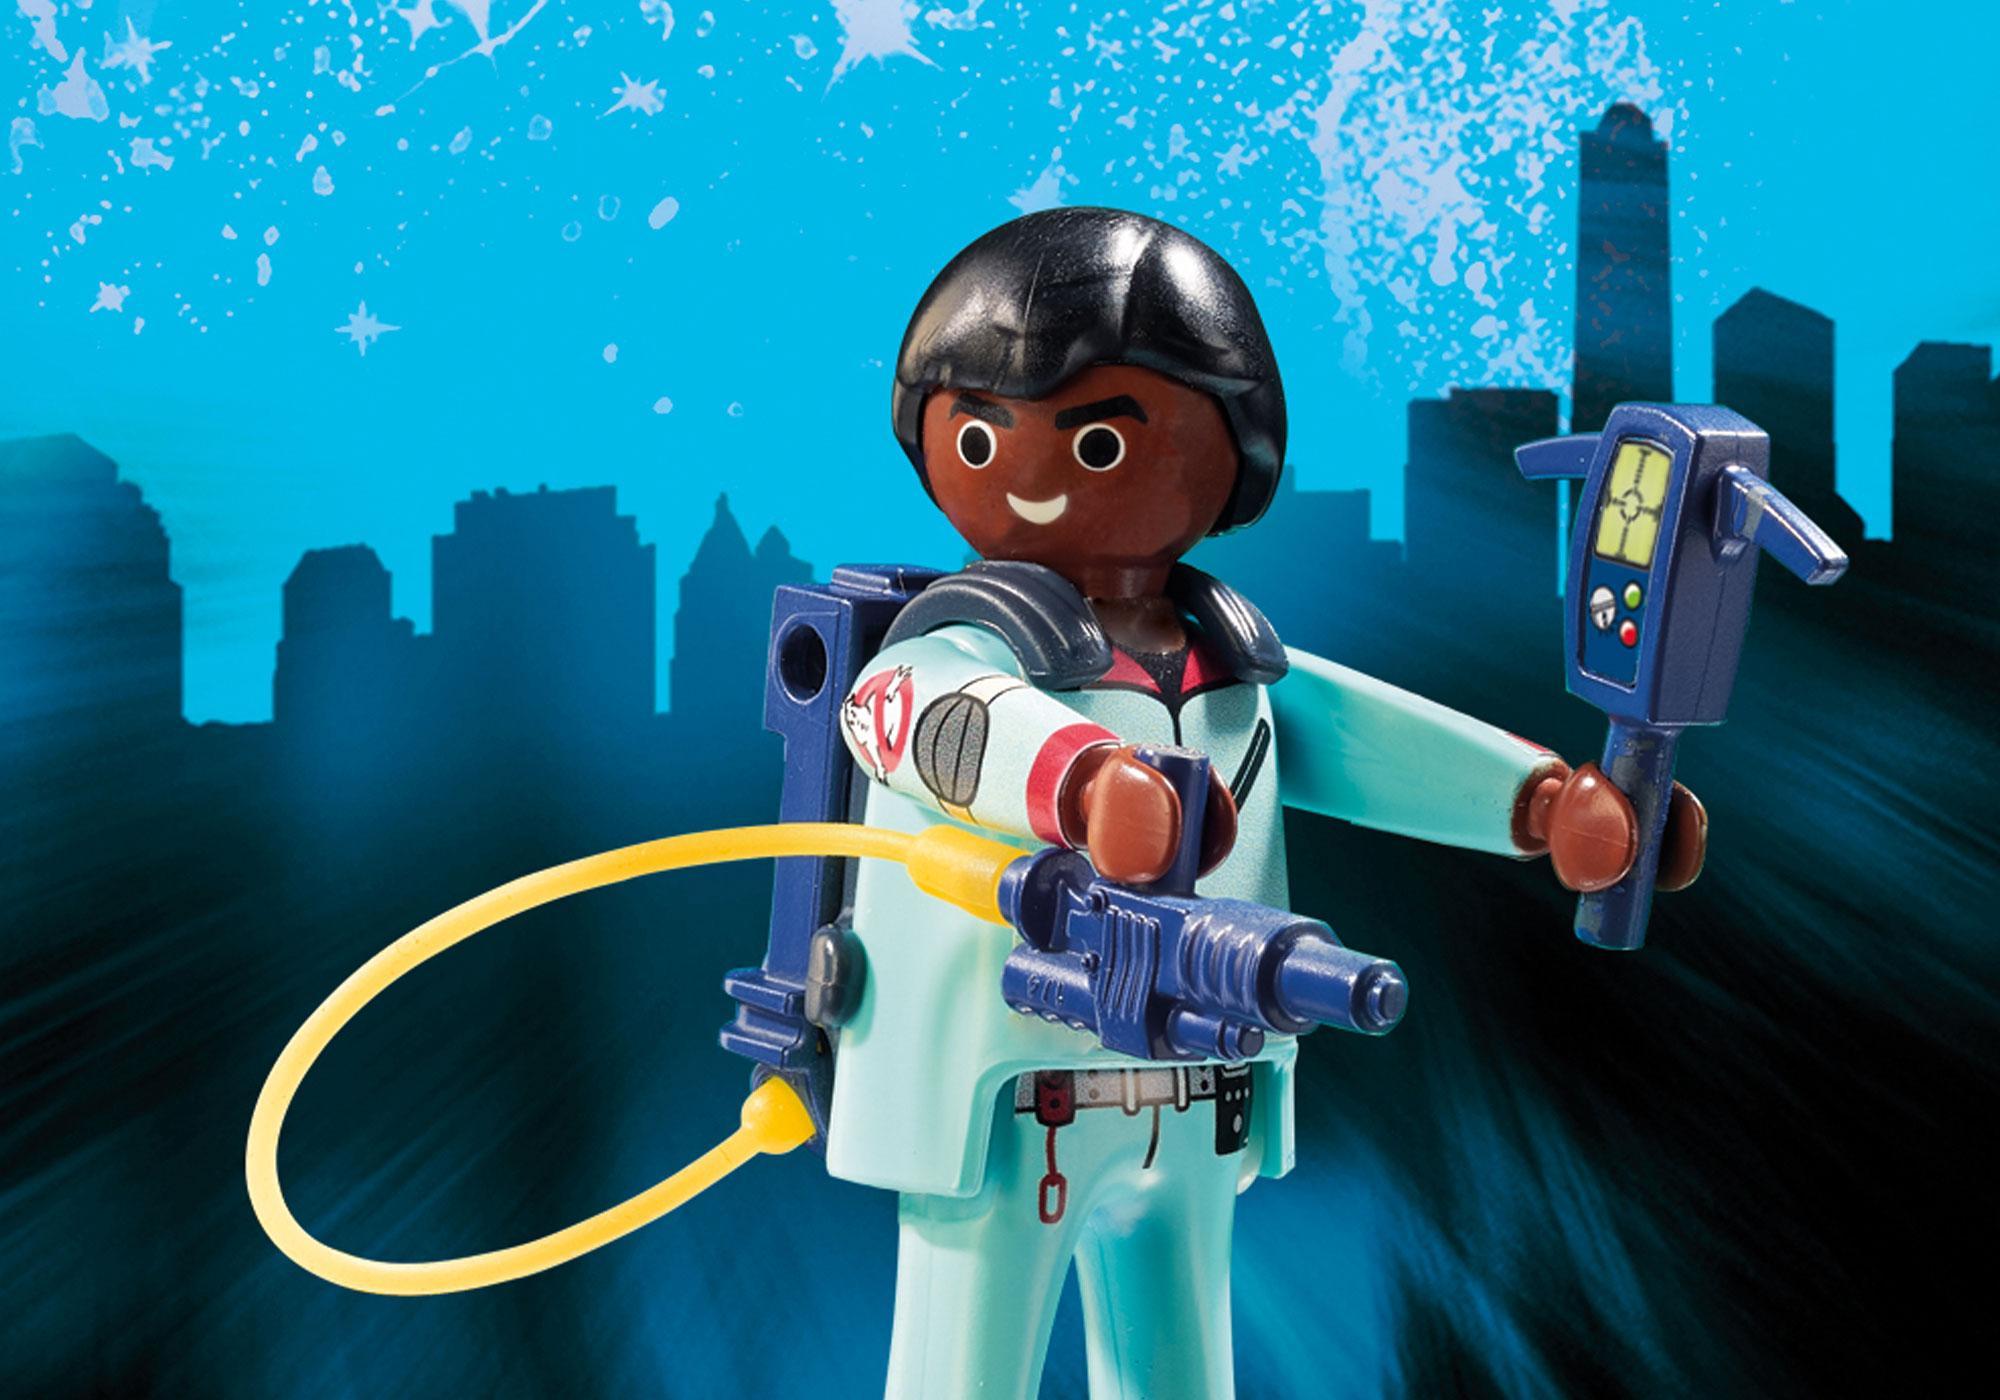 http://media.playmobil.com/i/playmobil/9387_product_extra2/Zeddemore com Moto de água